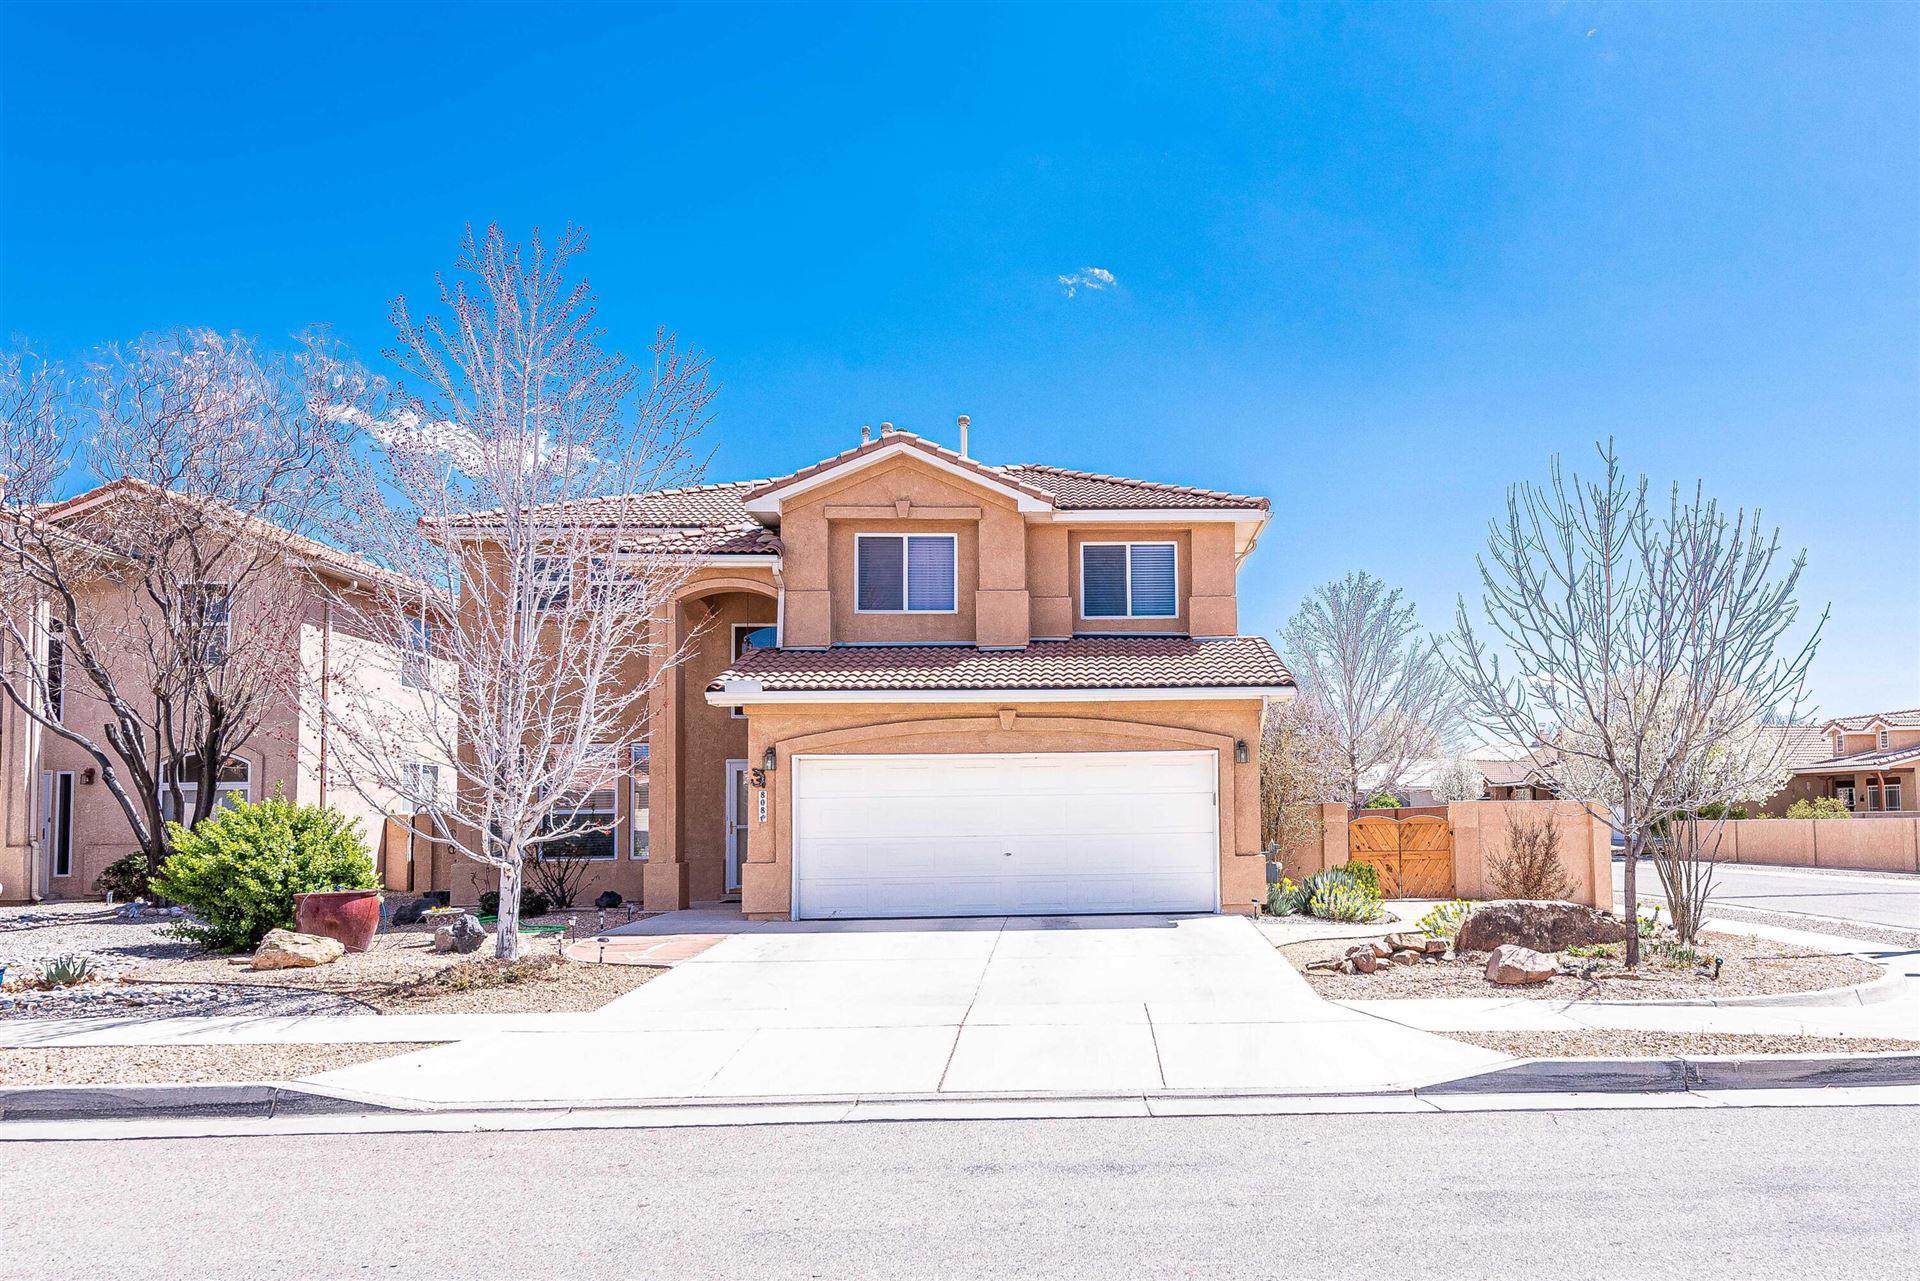 808 CALLE DIVINA NE, Albuquerque, NM 87113 - MLS#: 988988